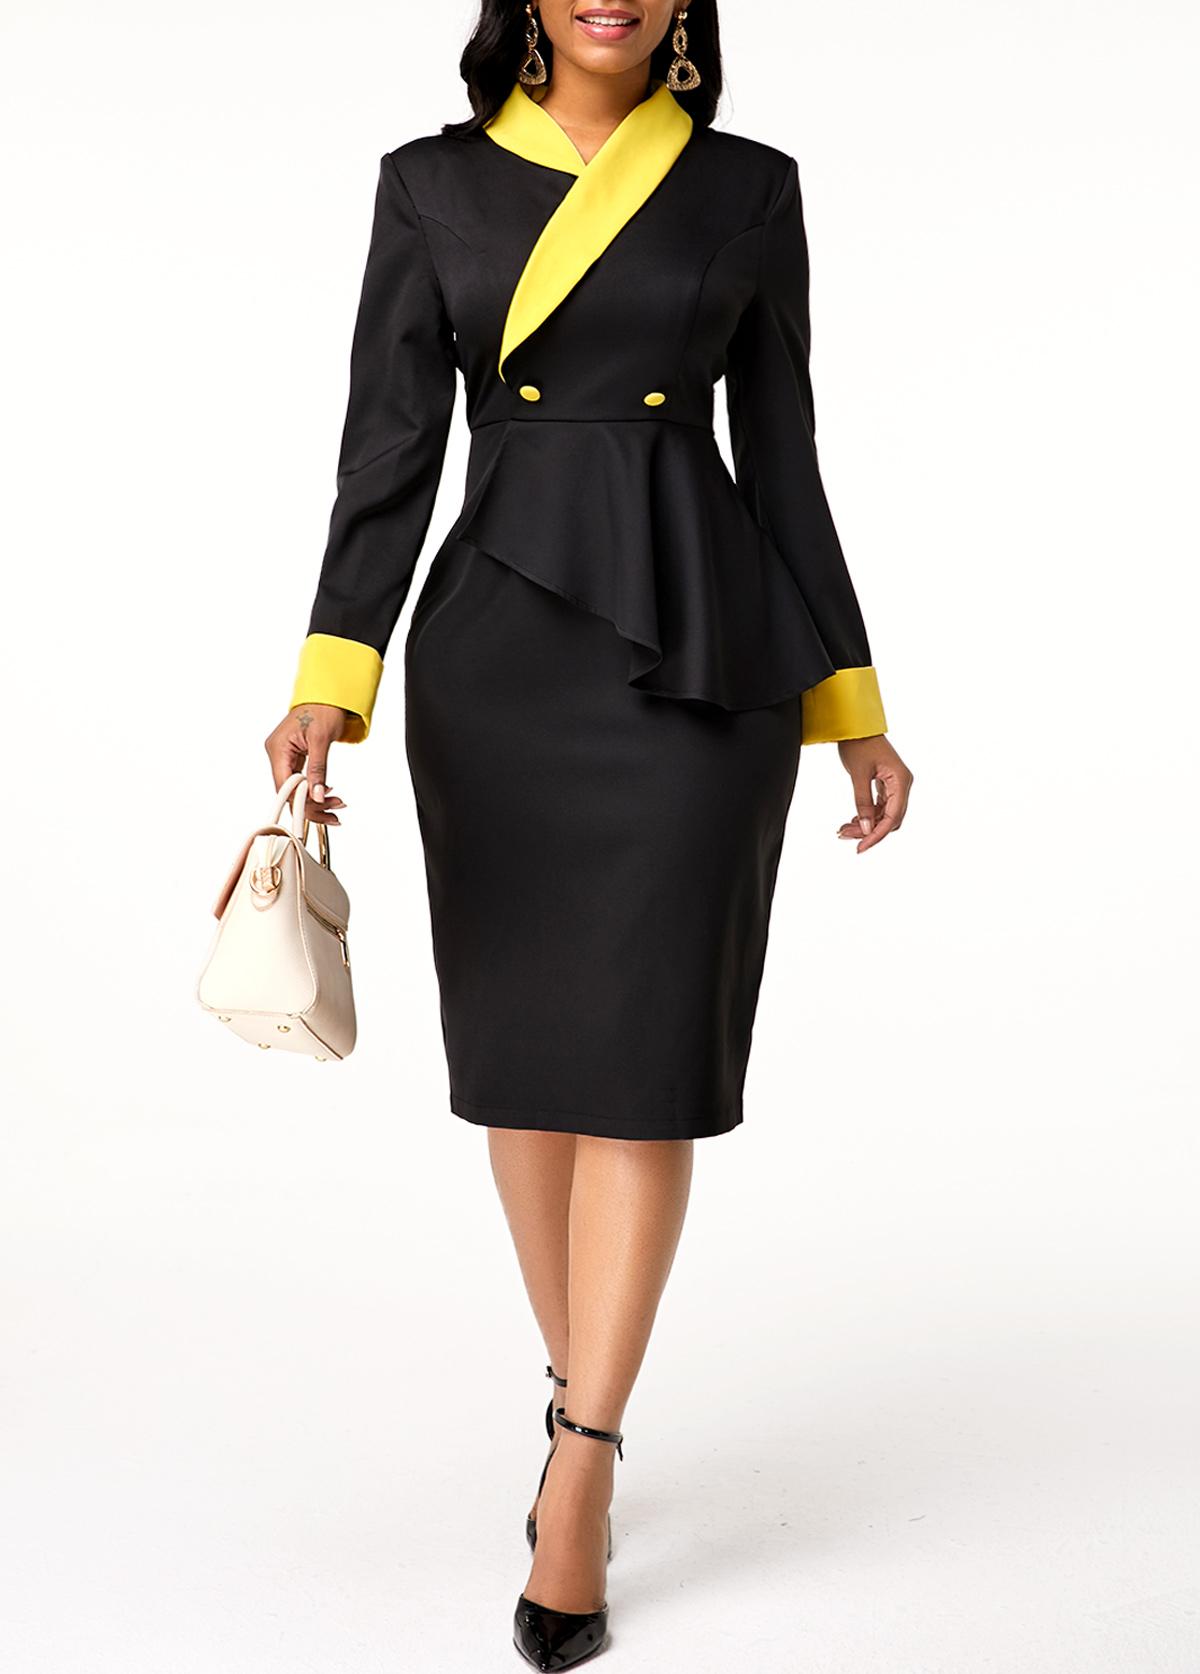 Button Detail Long Sleeve Zipper Closure Dress